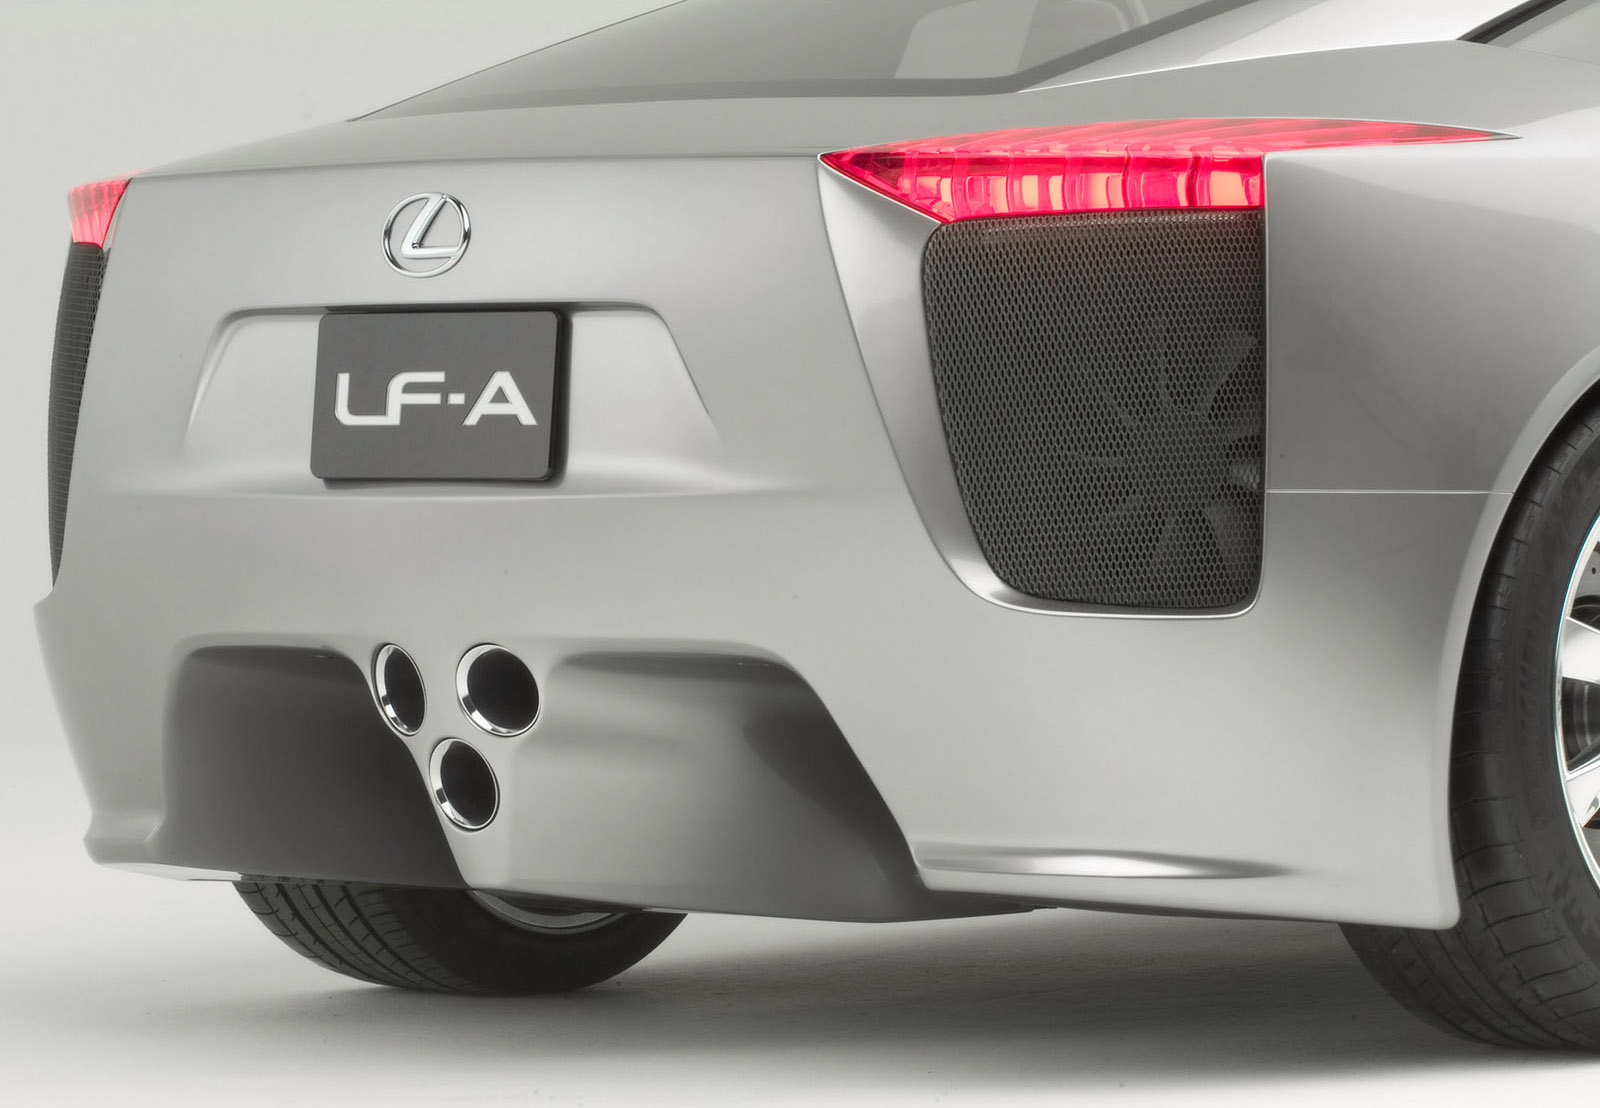 2005 Lexus LF-A Concept - HD Pictures @ carsinvasion.com